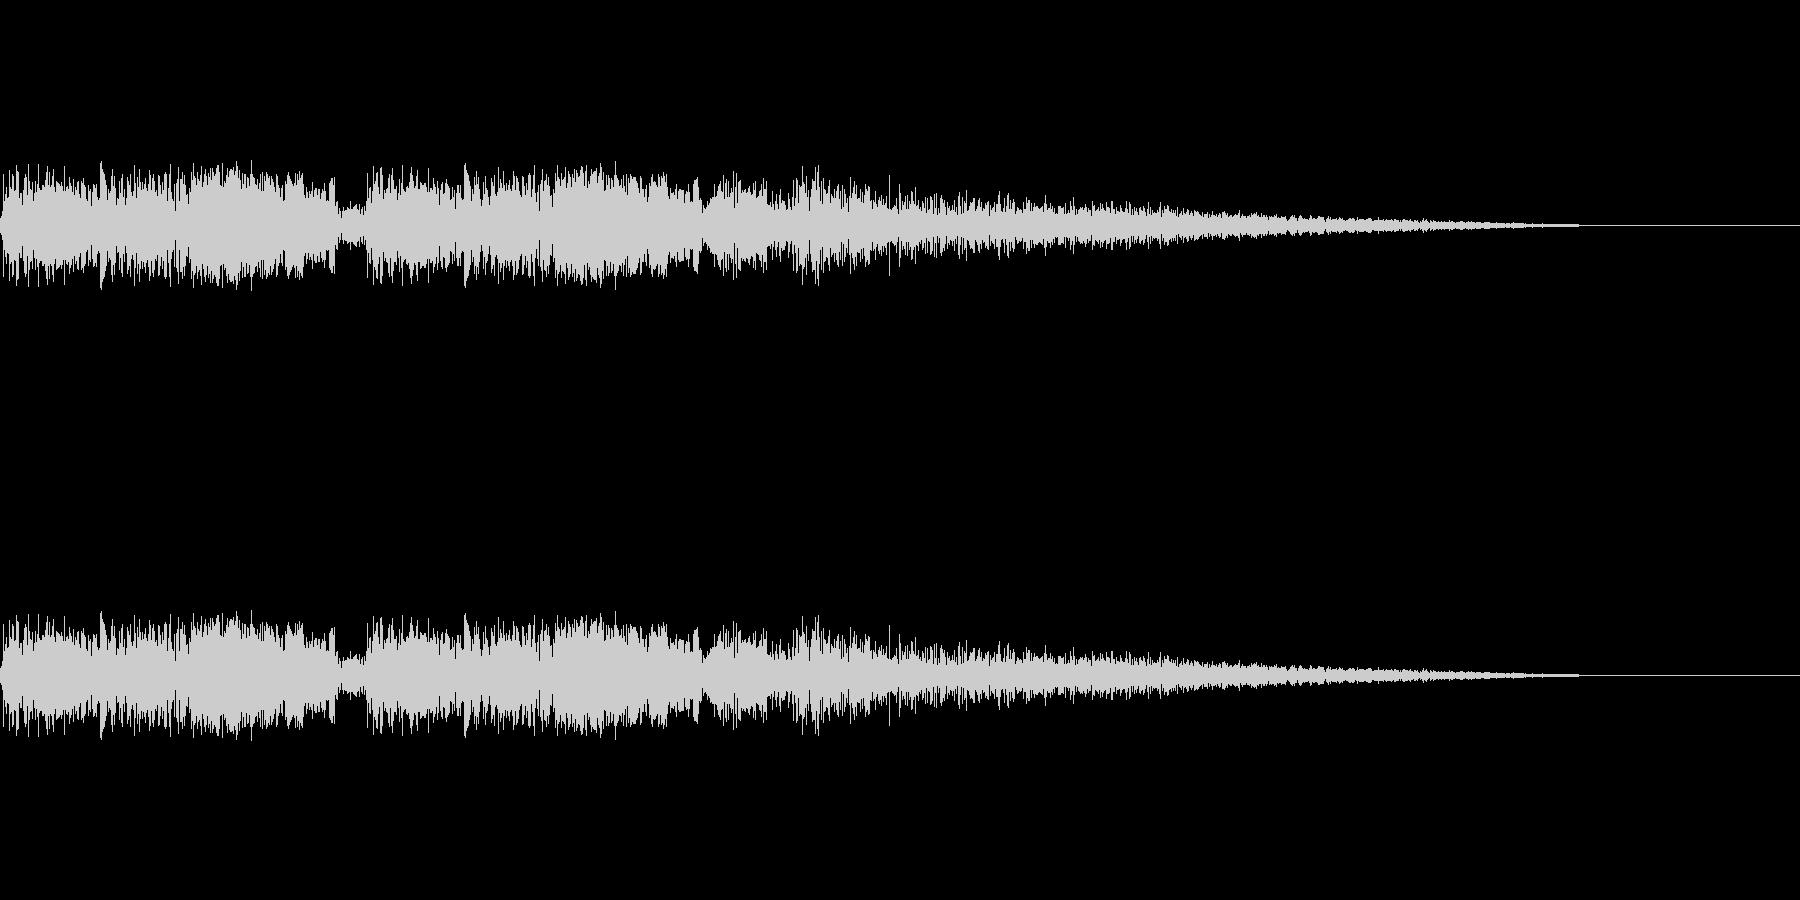 バキュンバキューン(銃を撃つ音)の未再生の波形